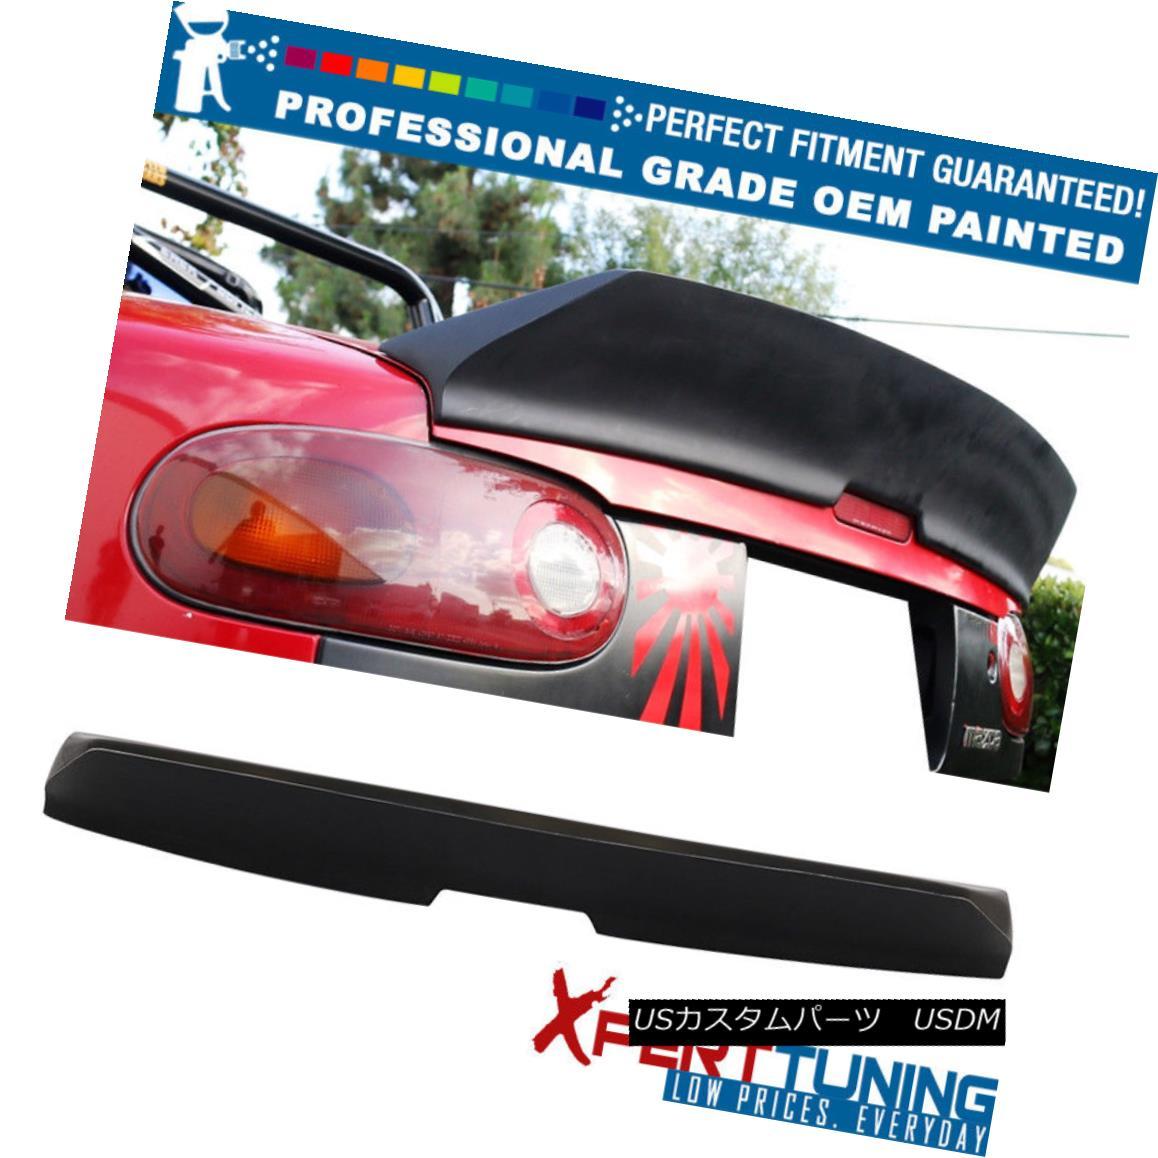 エアロパーツ 90-97 Mazda Miata MX5 IKON Style FRP Trunk Spoiler - OEM Painted Color 90-97マツダMiata MX5 IKONスタイルFRPトランク・スポイラー - OEM塗装カラー